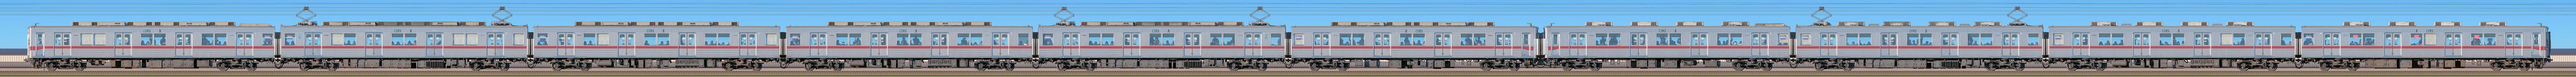 東武10030型11661編成(海側)の編成サイドビュー